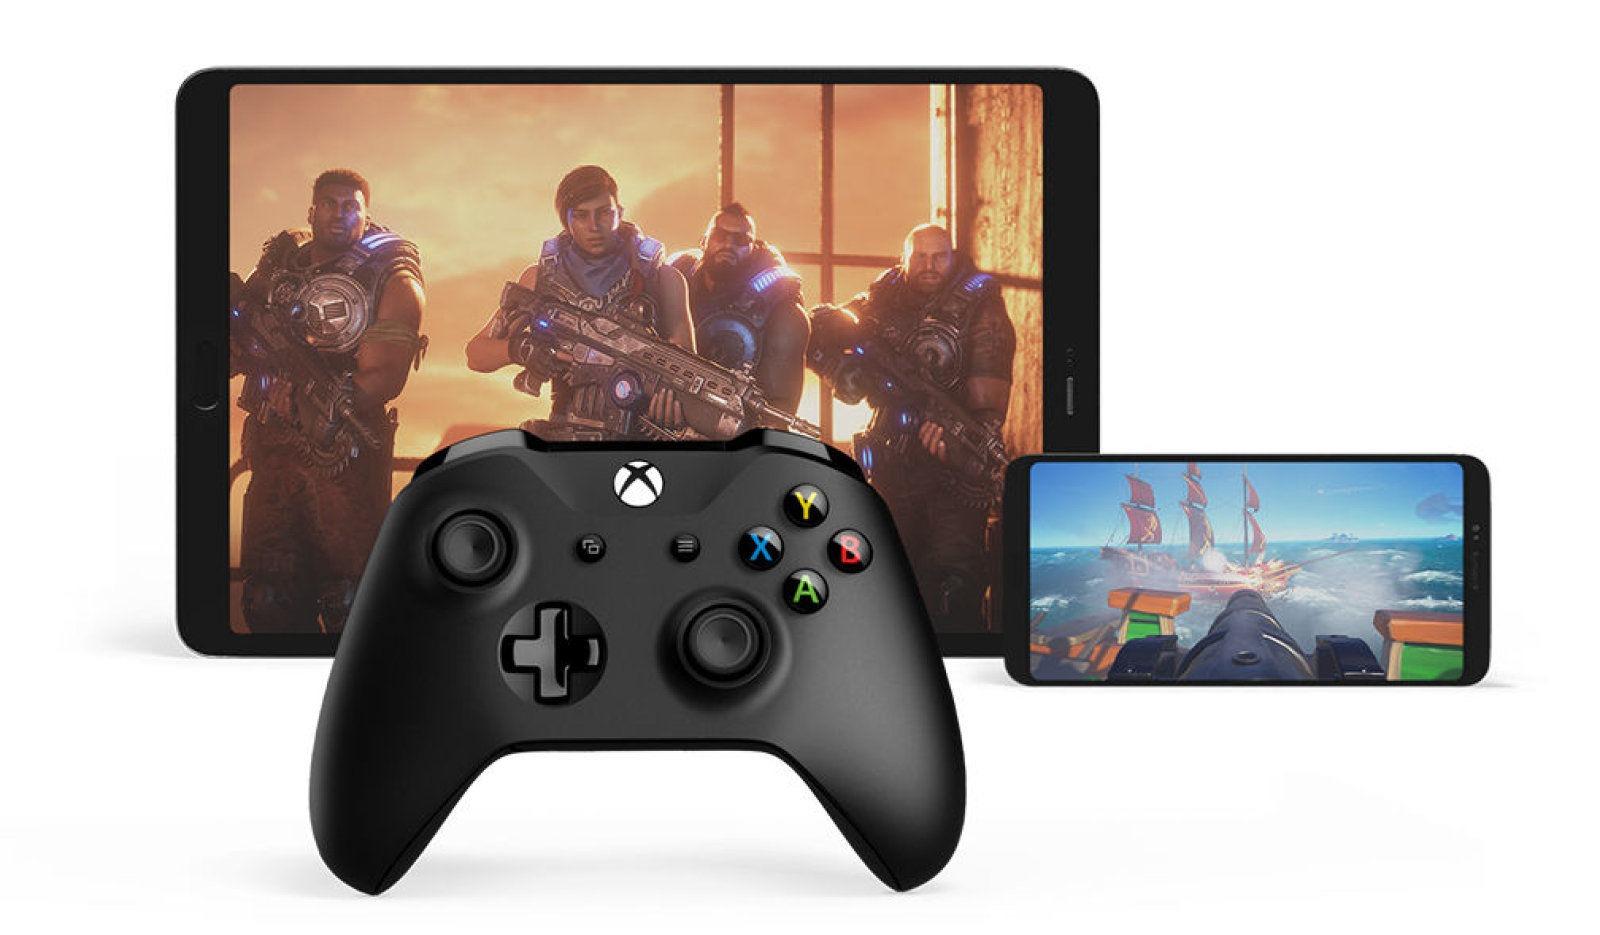 微软明年会为xCloud预览版再加超过 50 款游戏